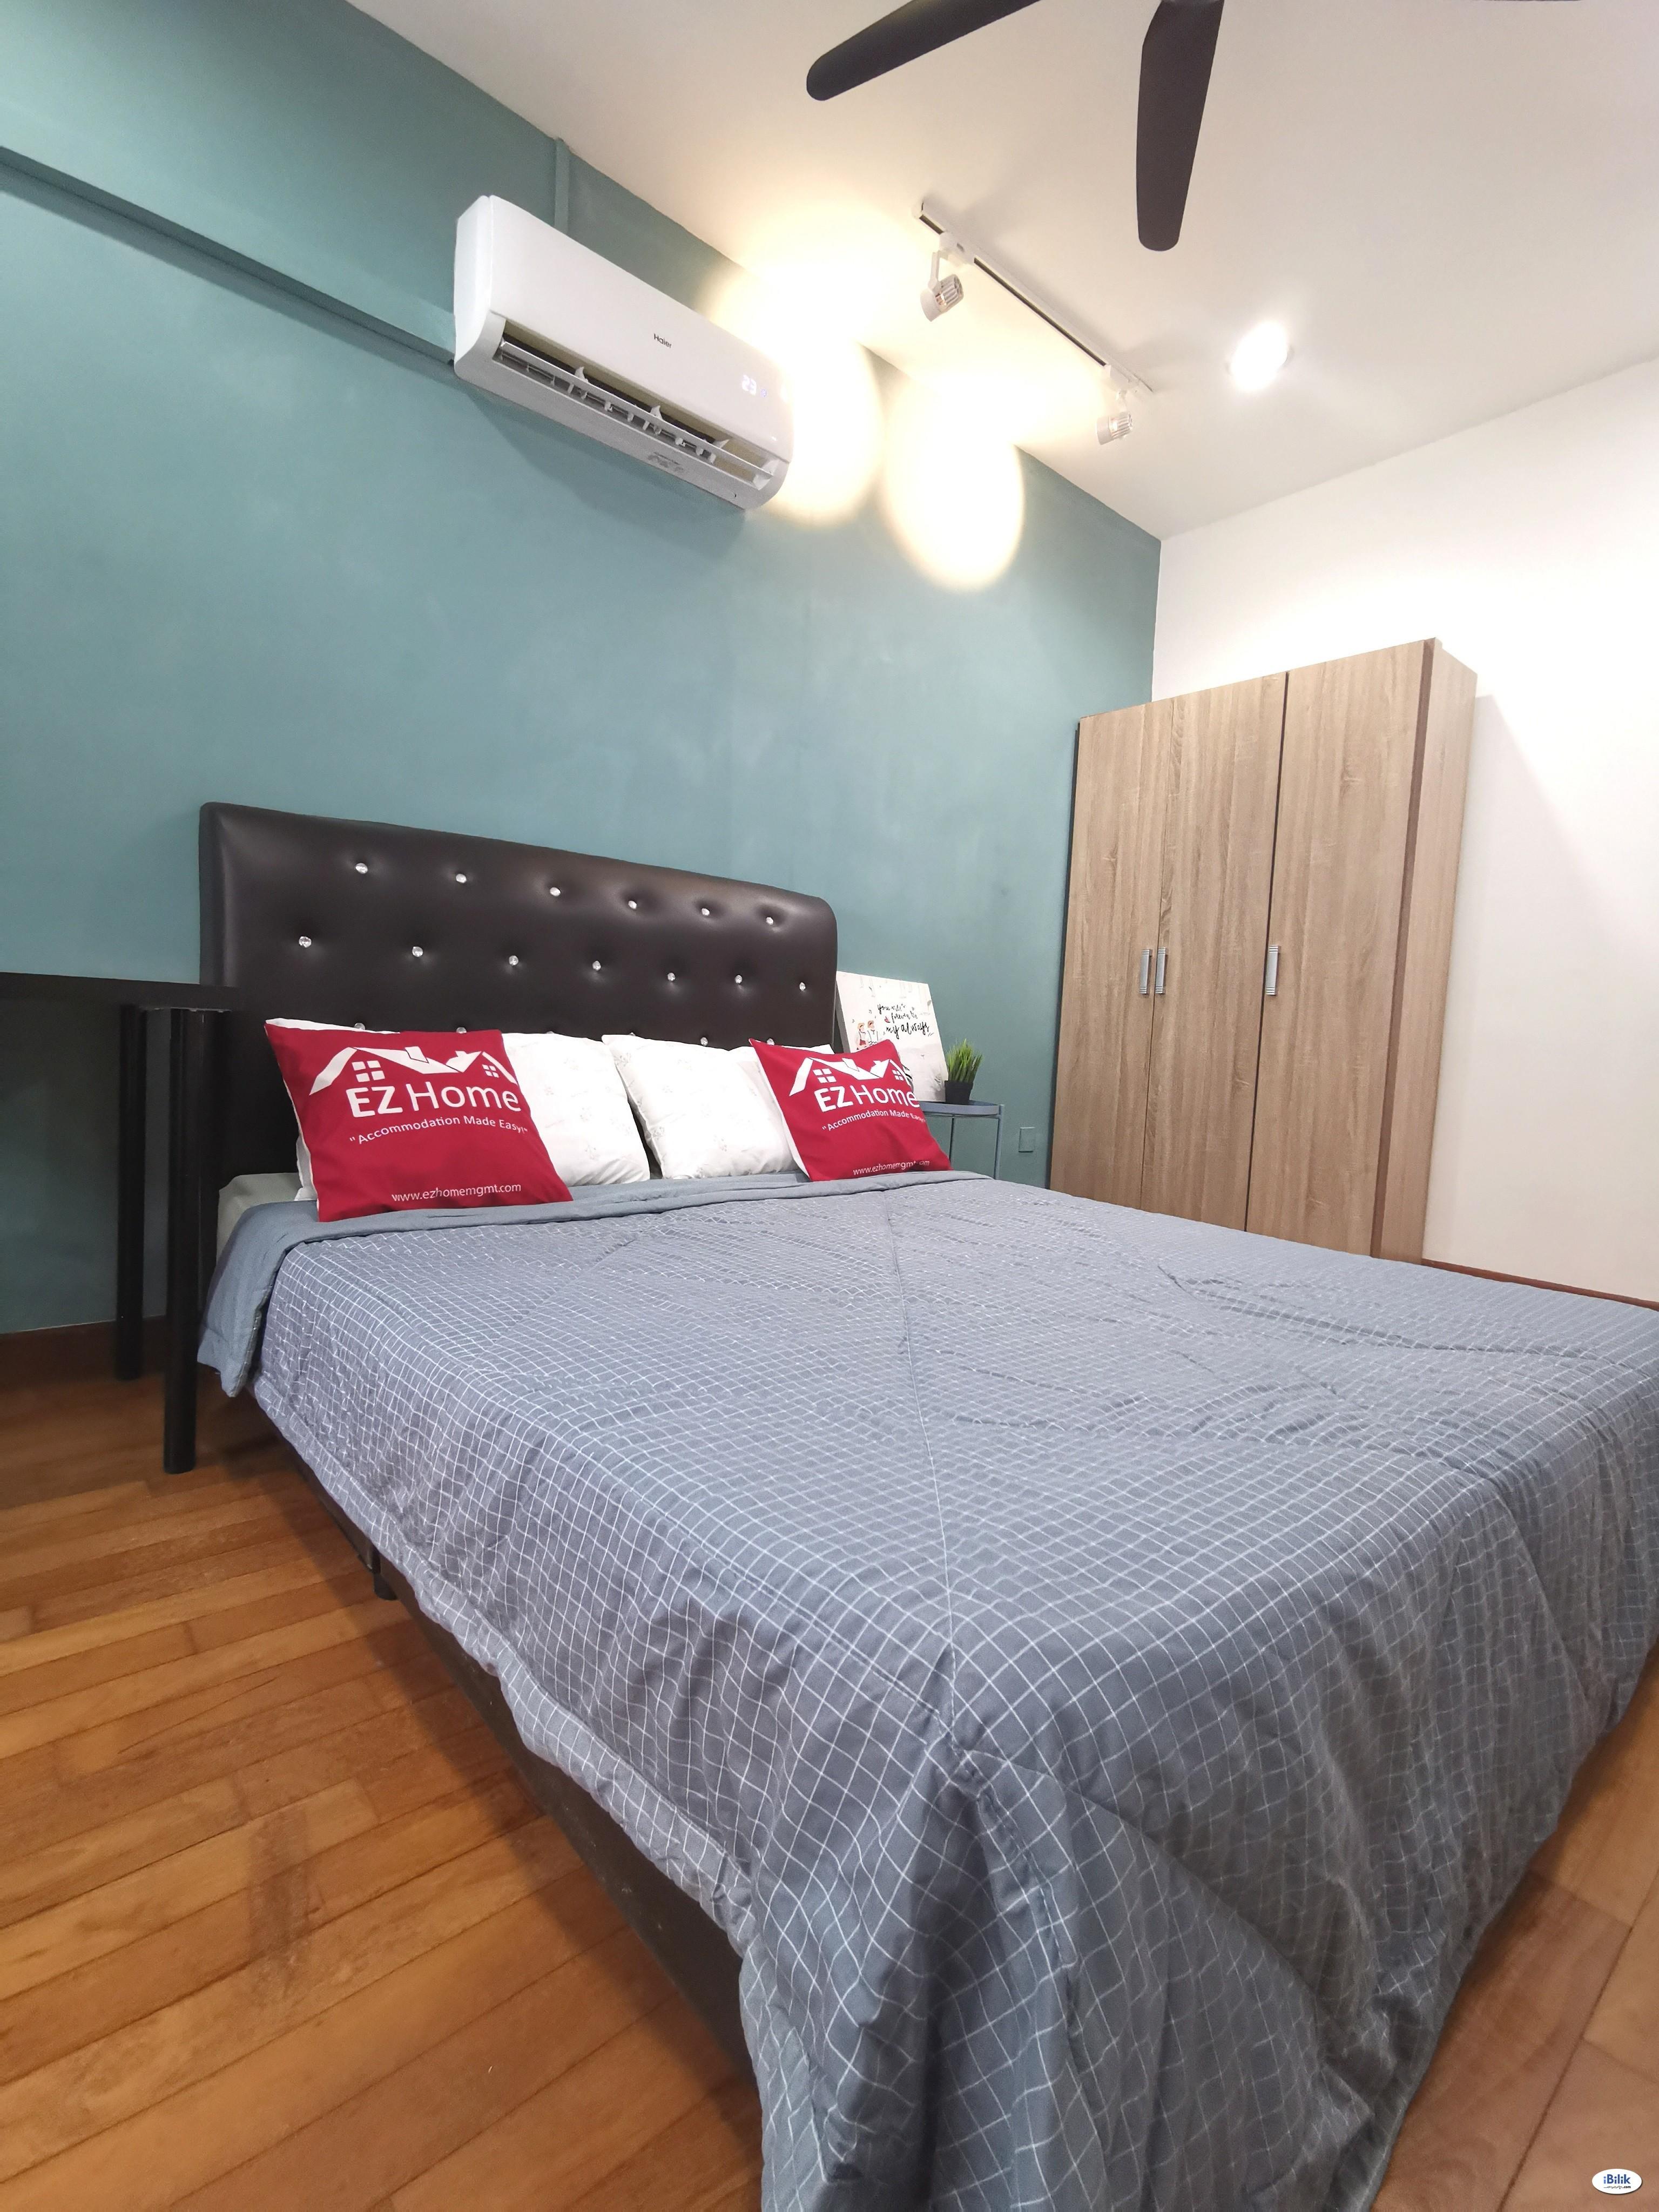 📢[SPACIOUS MEDIUM ROOM] ✨(WITH RECLINER SOFA!!)✨ - BU 10 / Bandar Utama / Petaling Jaya